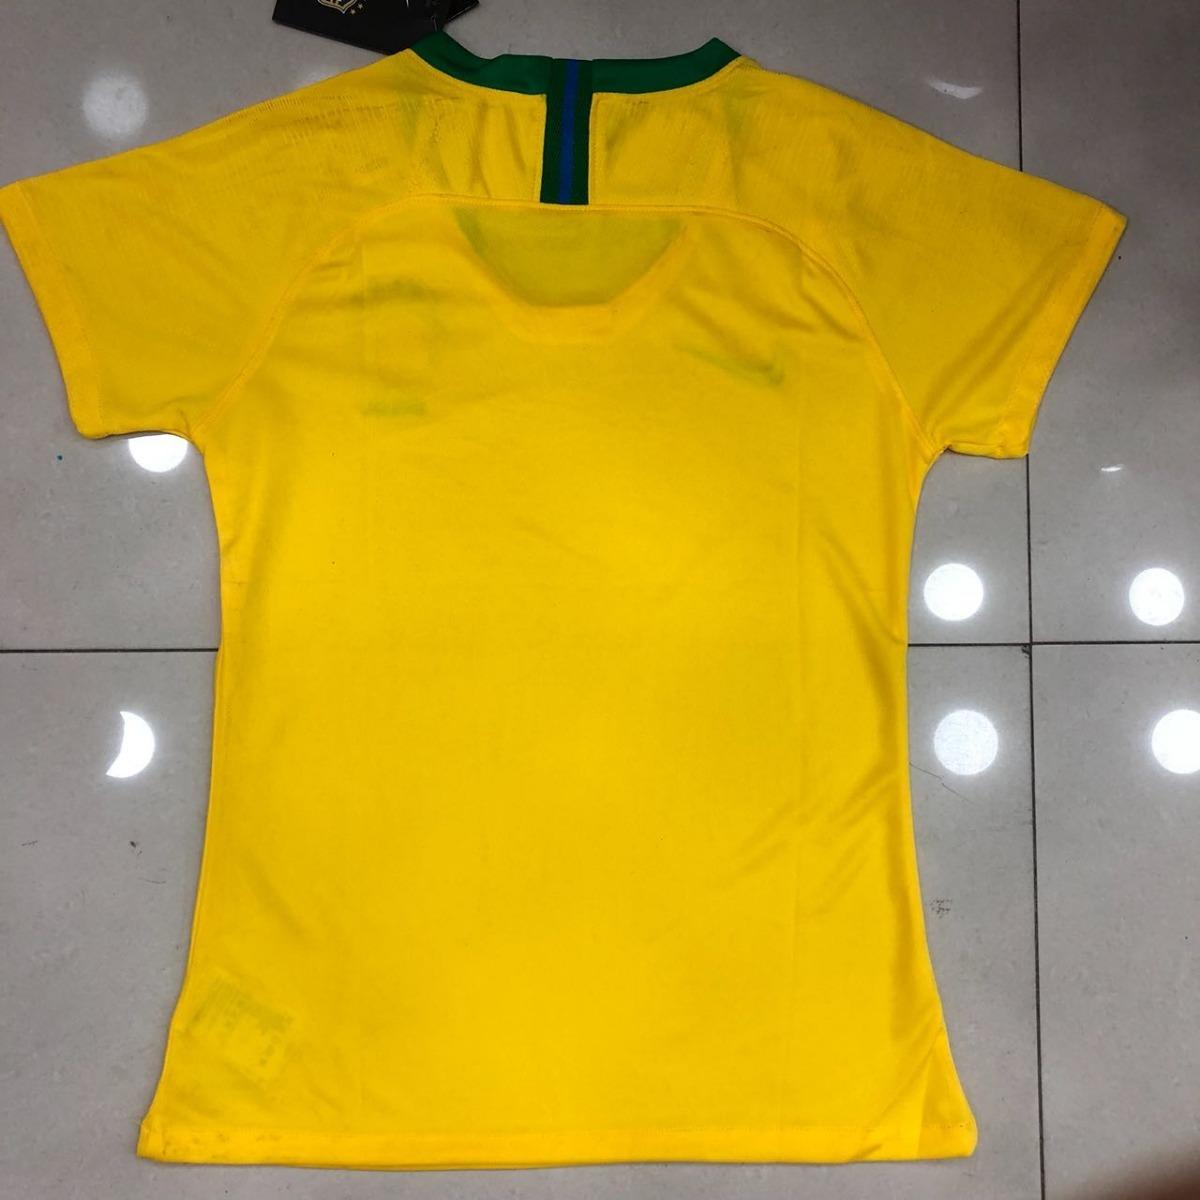 96d52cb76a2d8 nova camisa seleção brasileira brasil feminina copa do mundo. Carregando  zoom.